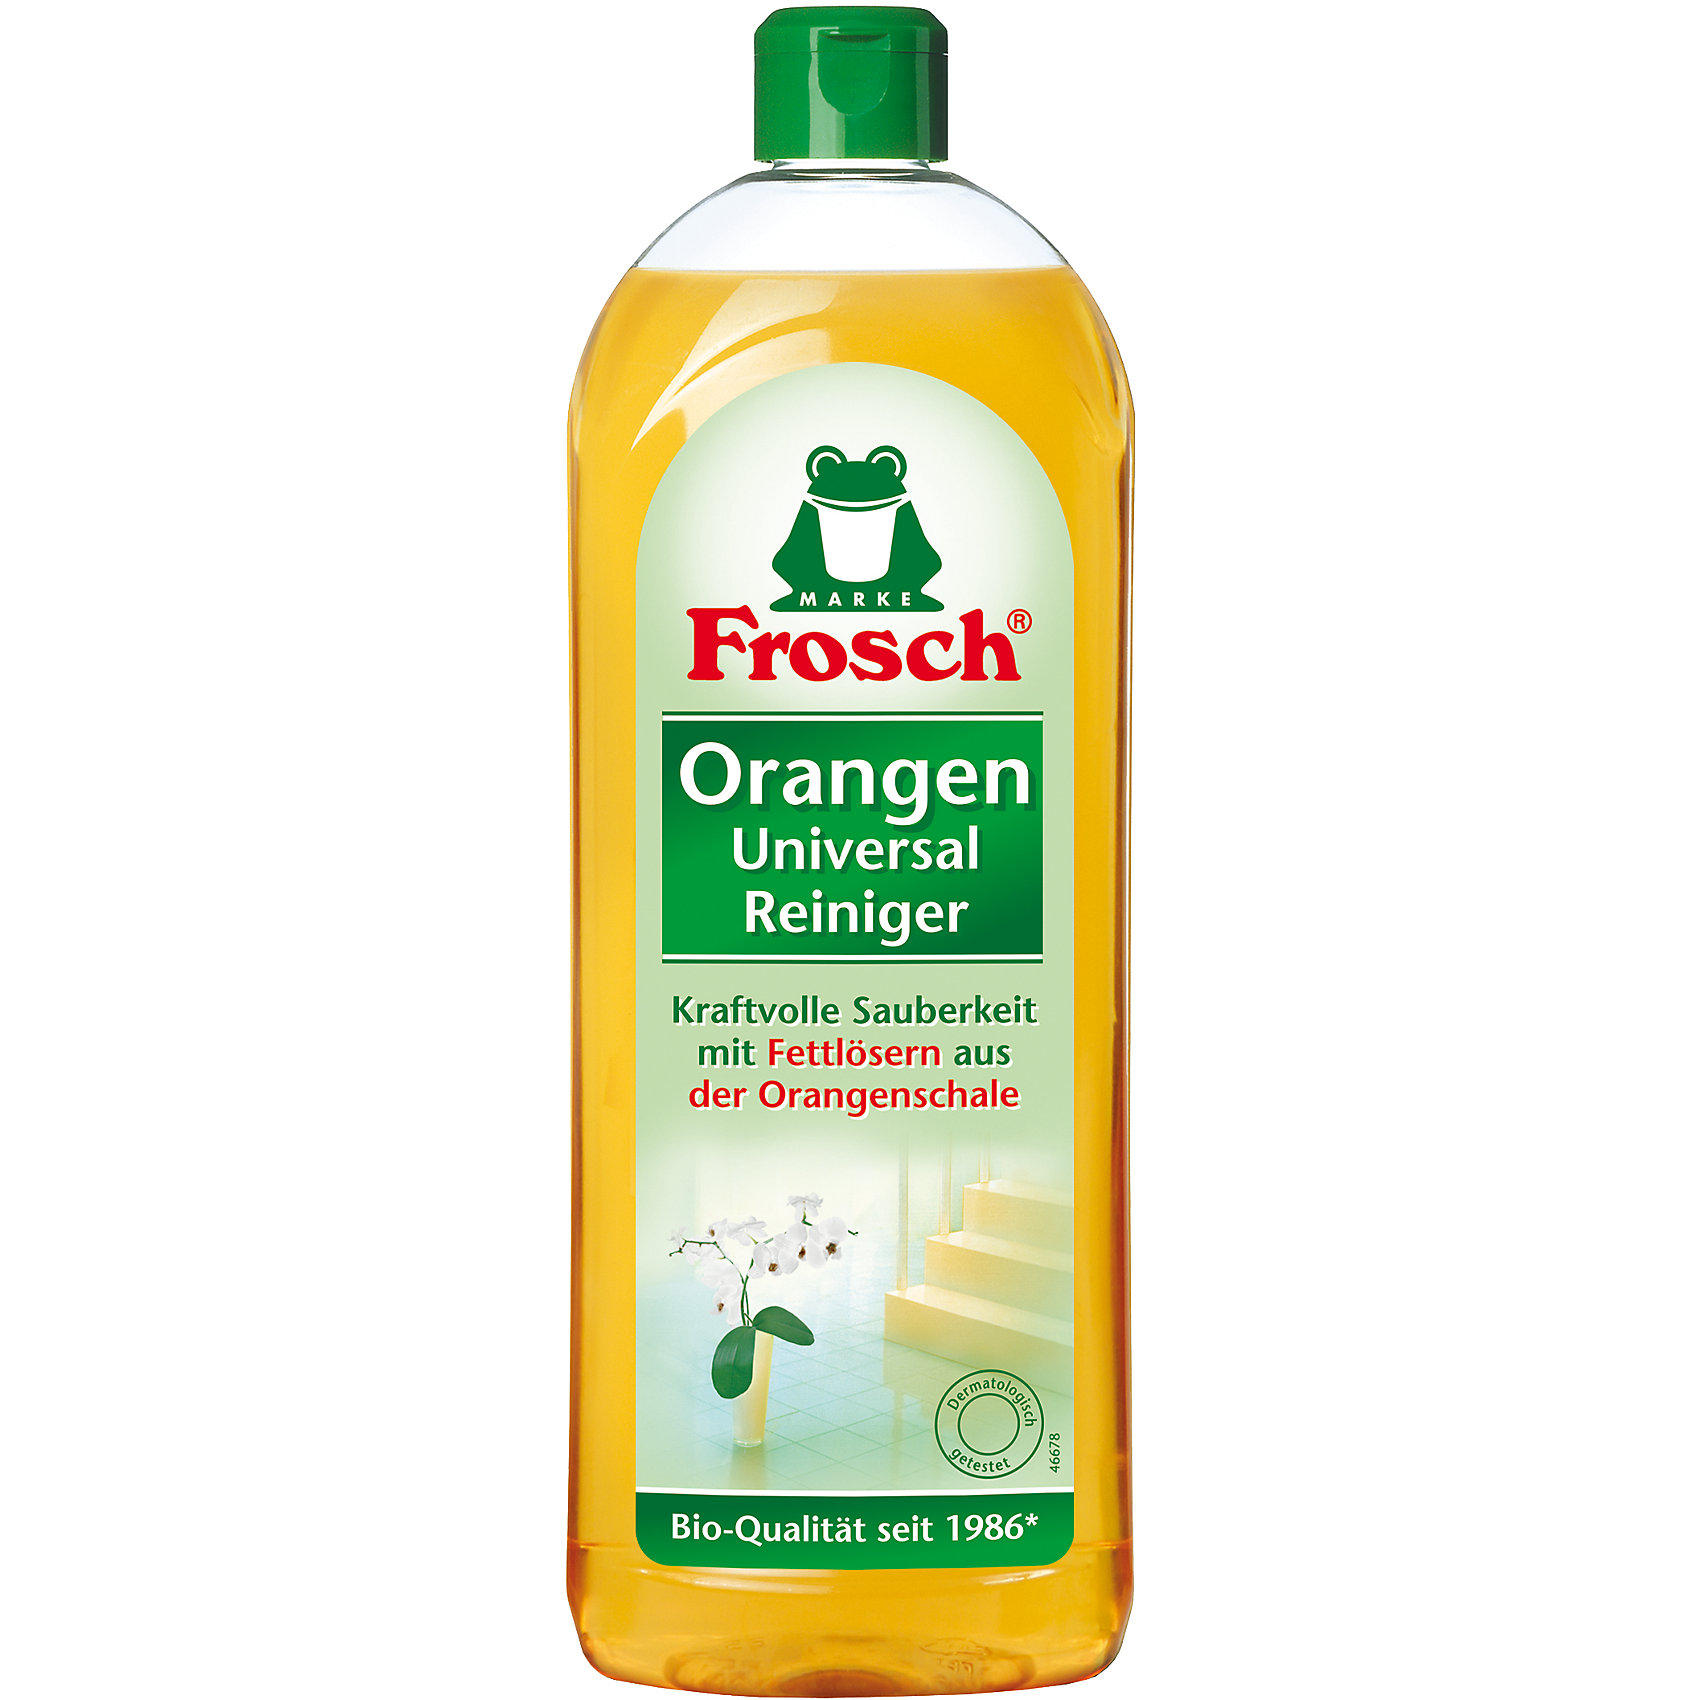 Универсальный апельсиновый очиститель, 0,75 л., Frosch (-)